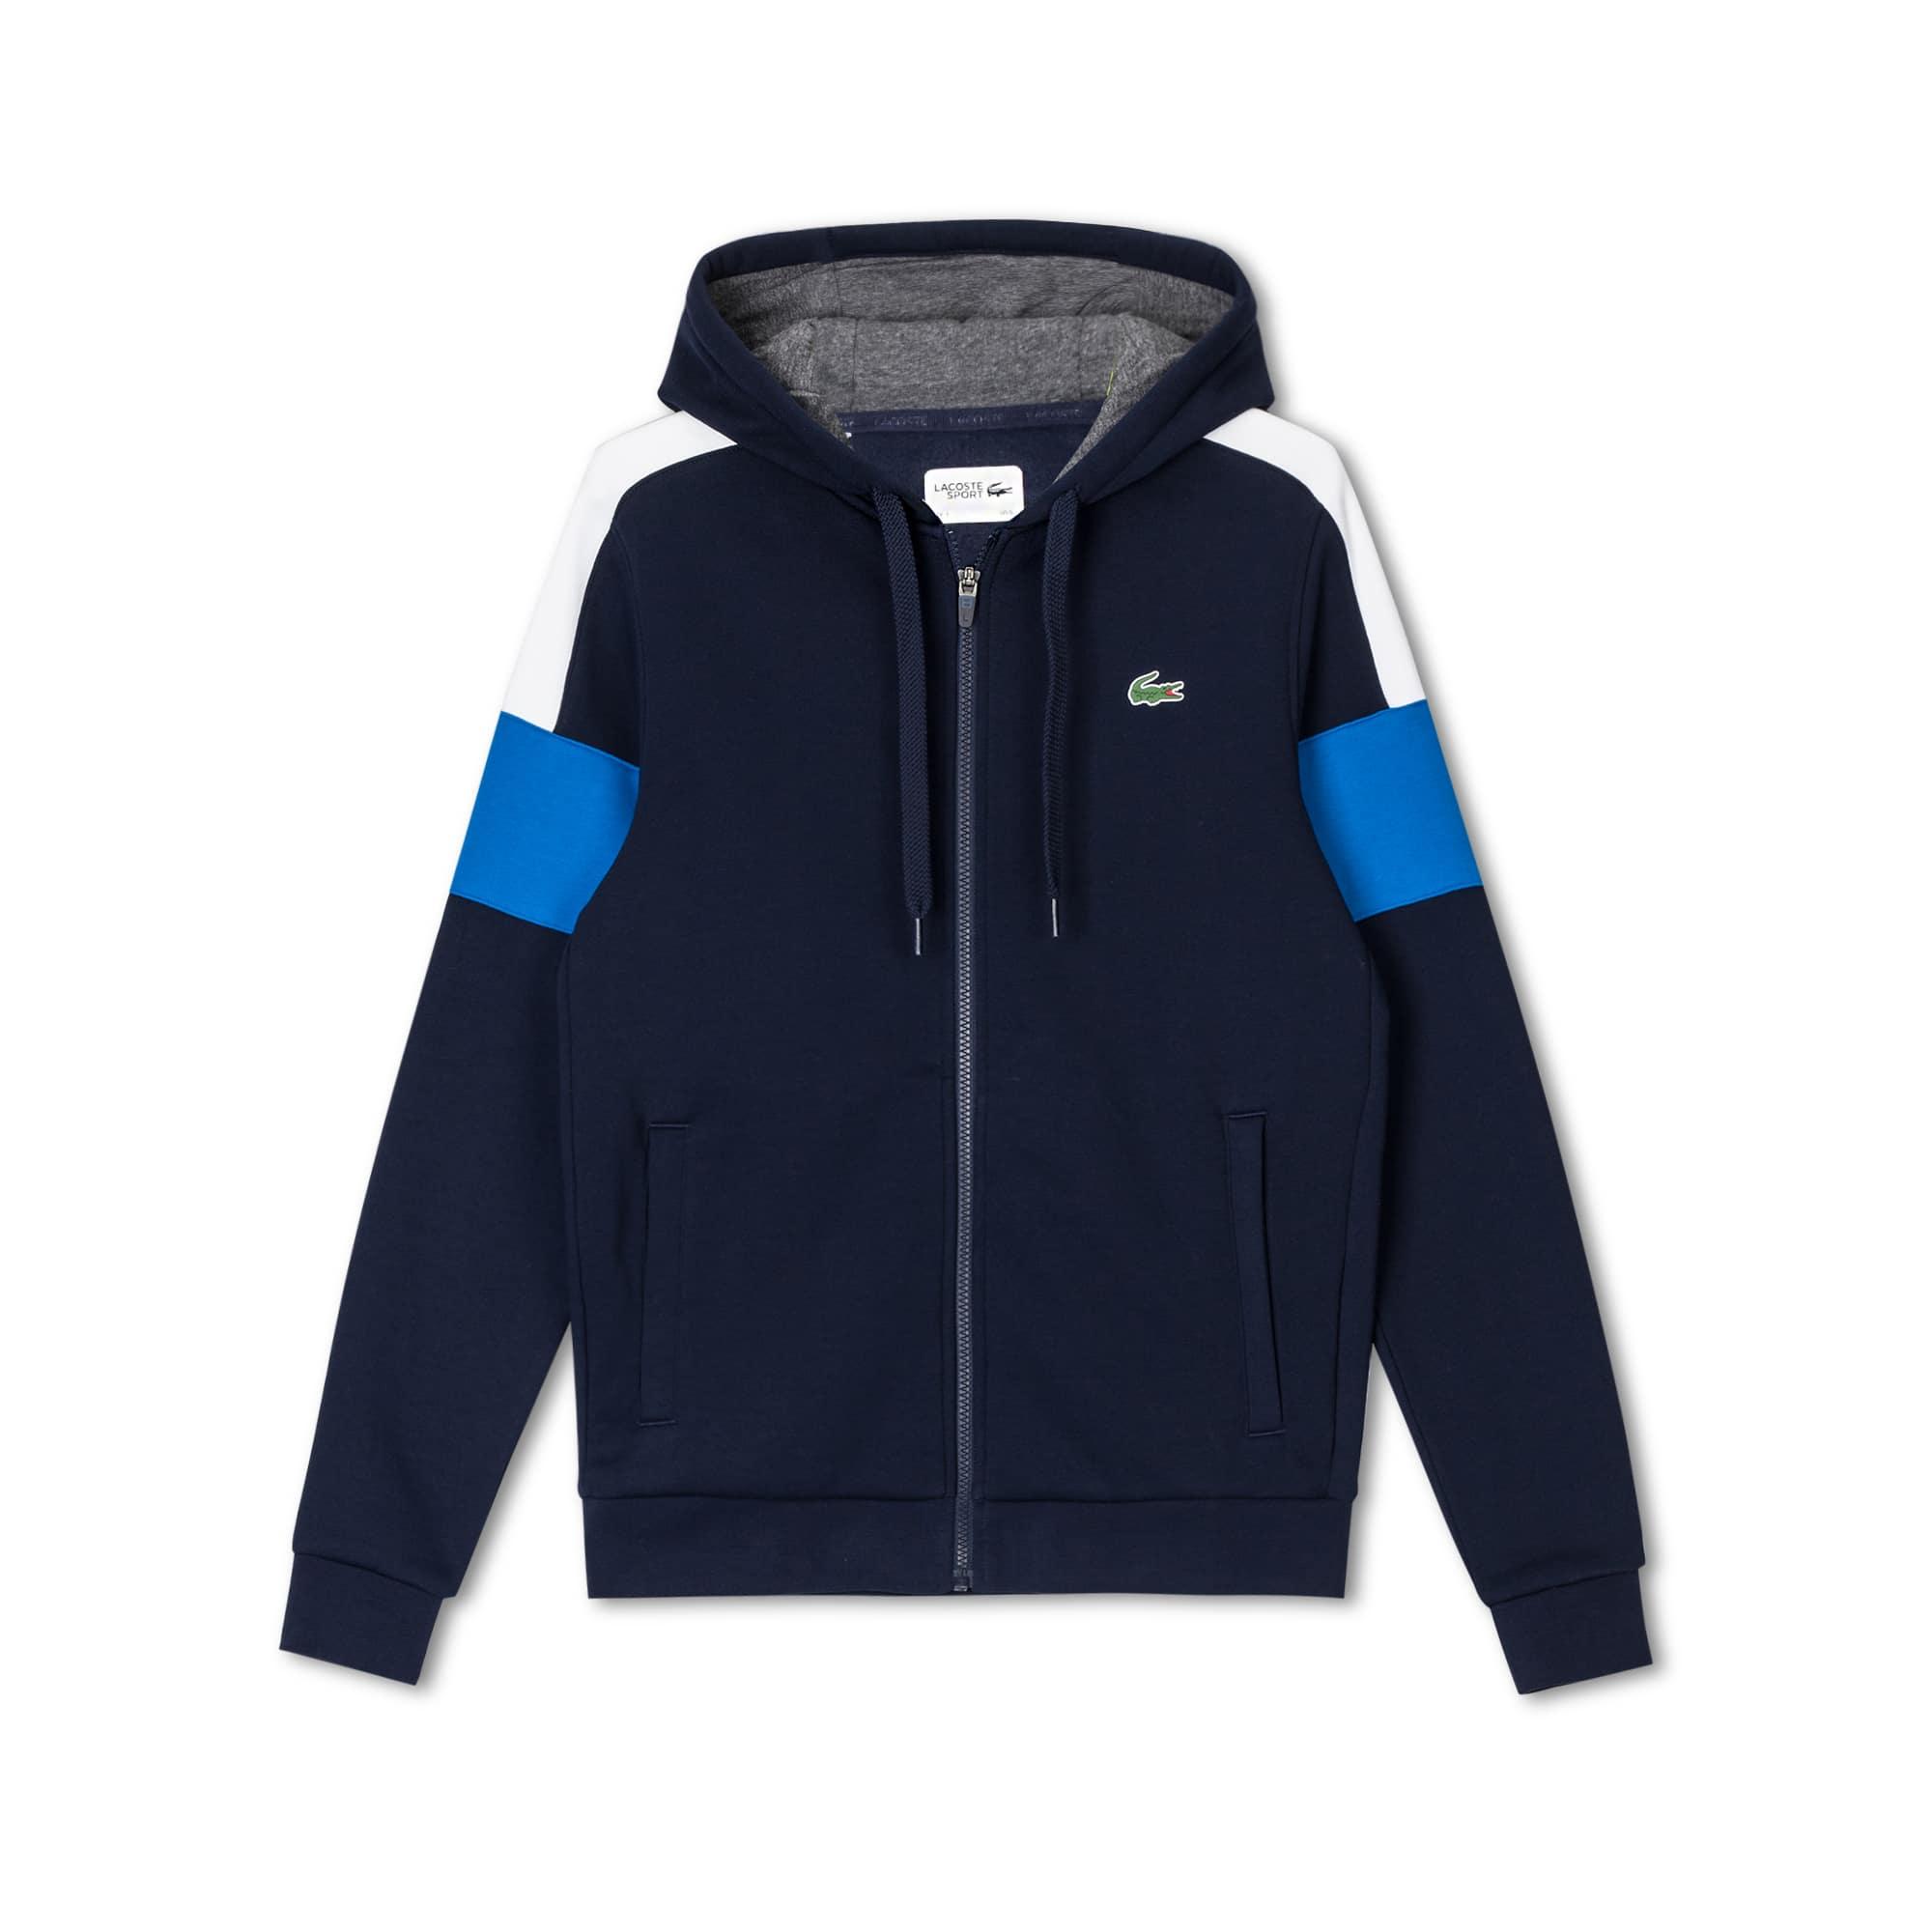 男士Lacoste SPORT拼色羊毛拉链式网球运动衫